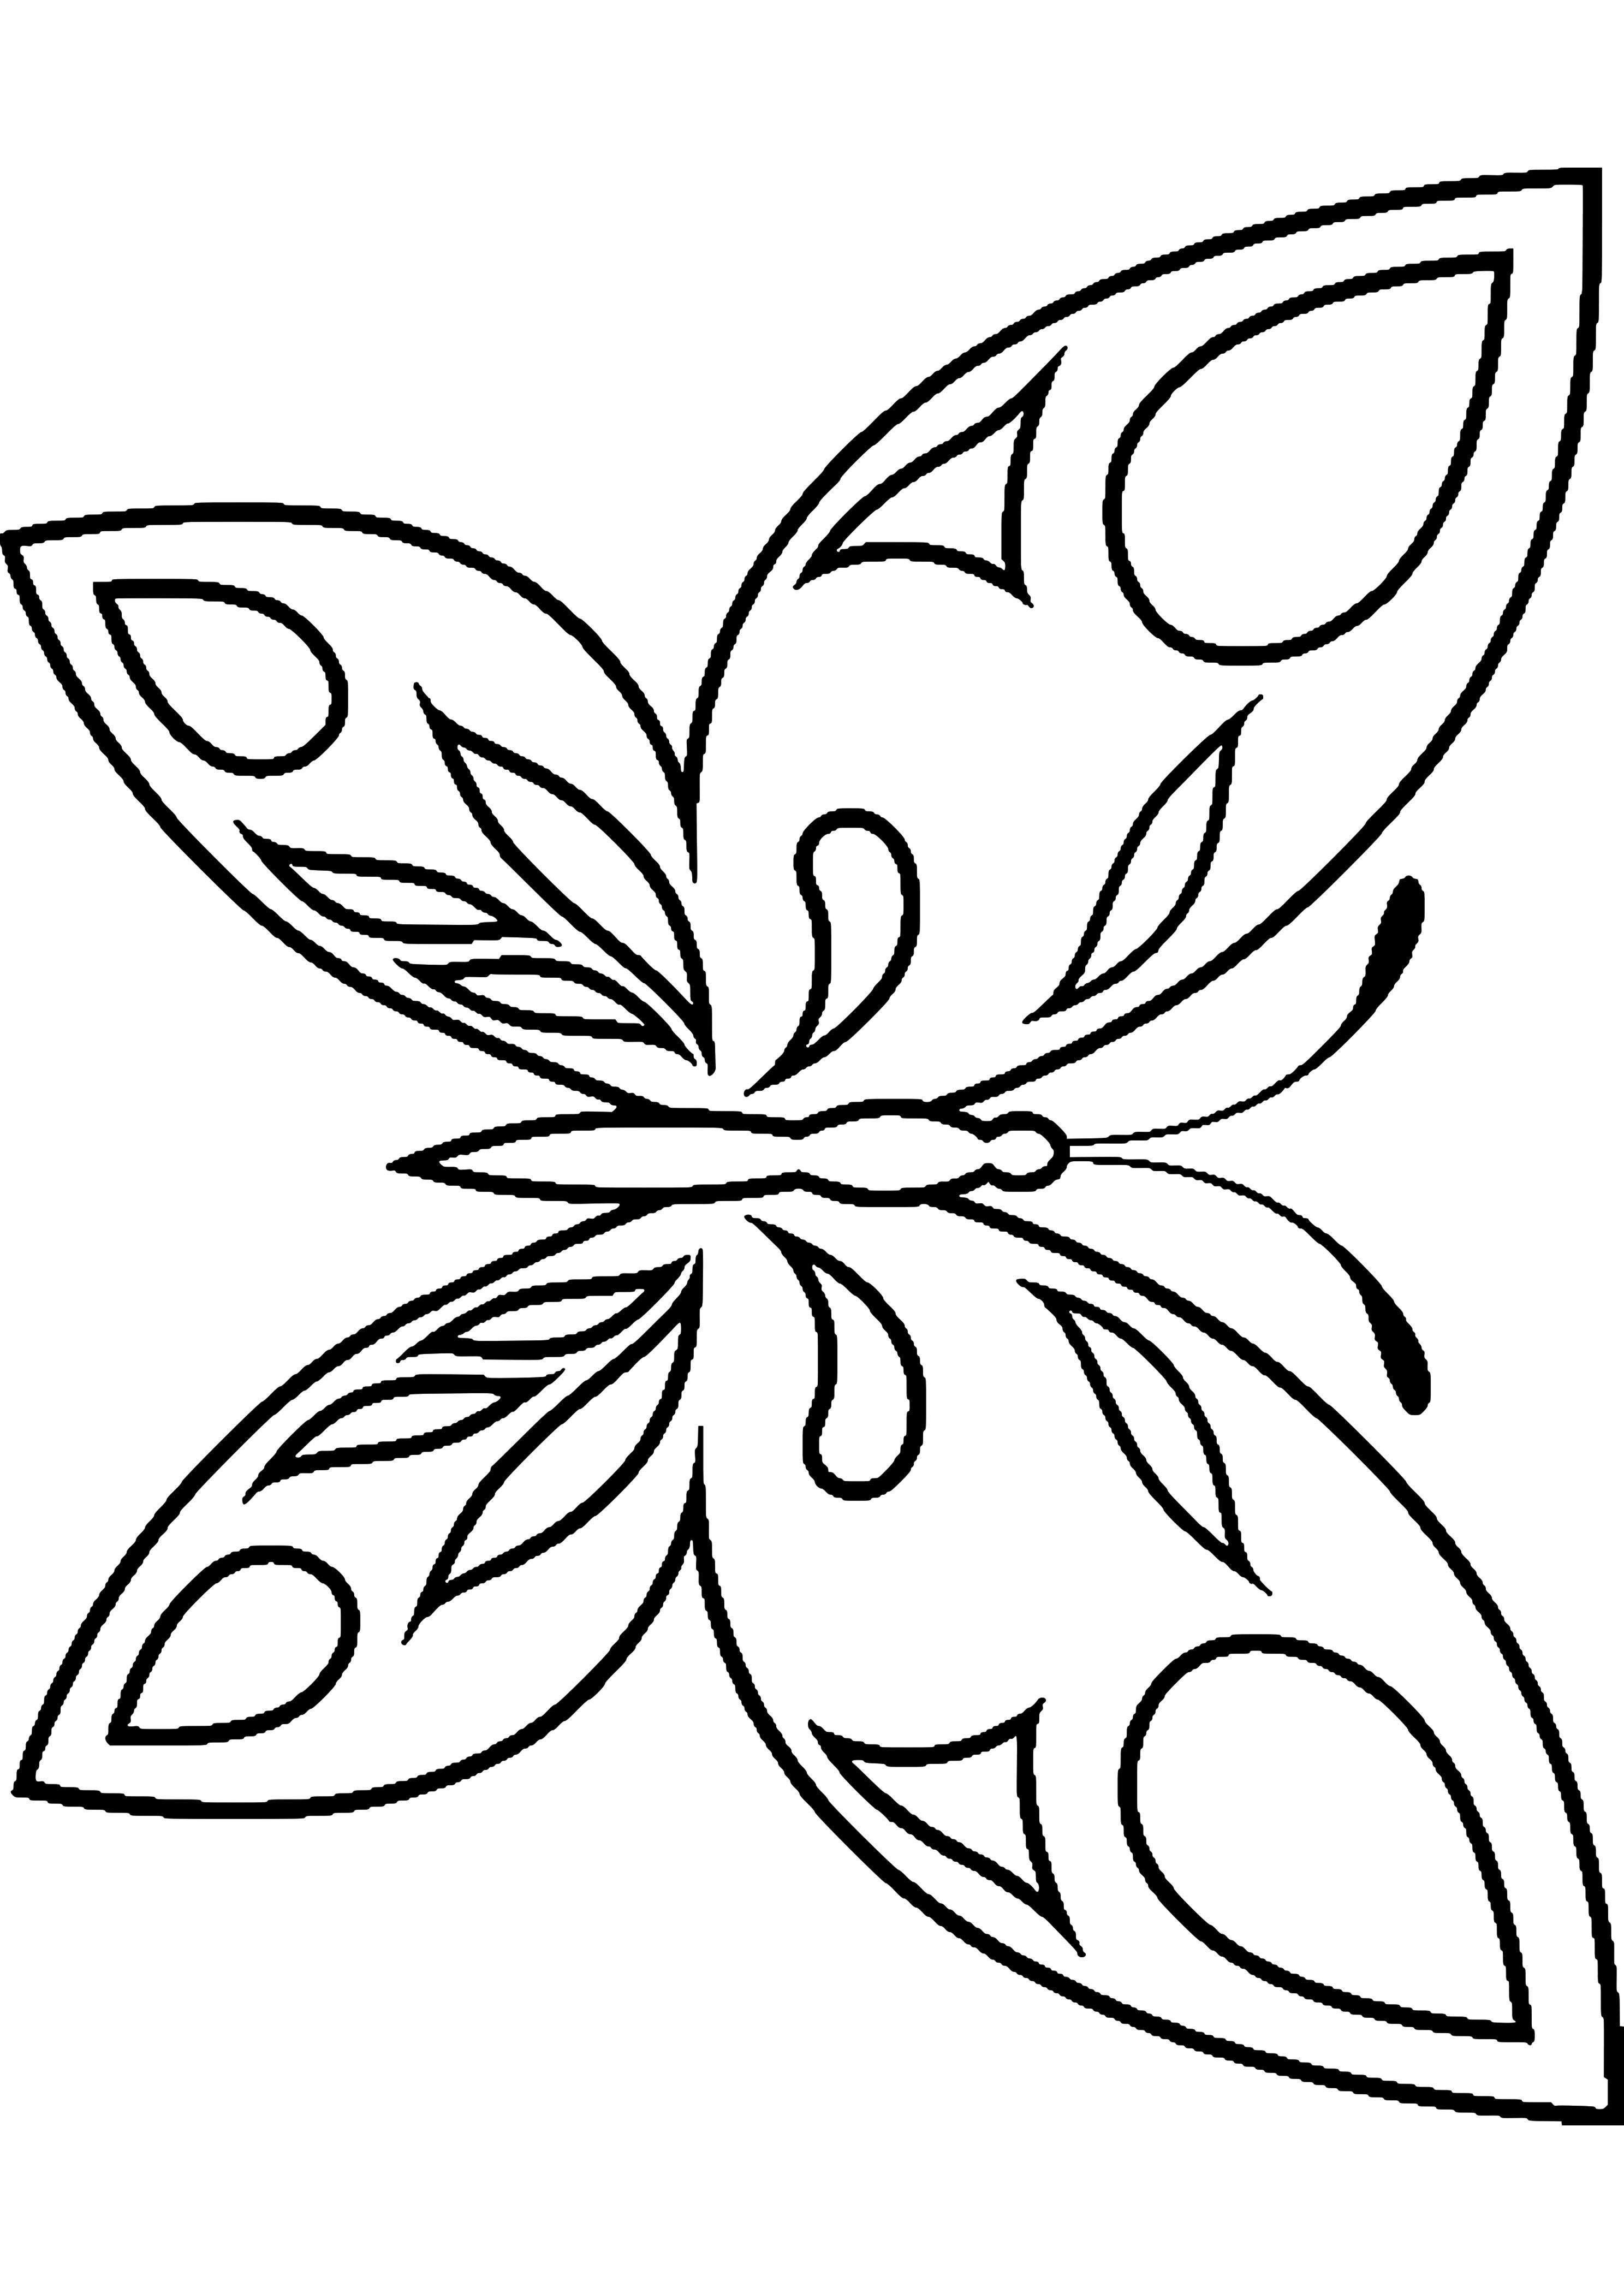 Ausmalbilder Schmetterling Vorlagen Ausmalbilder Schmetterling Vorlagen Best Picture For Toile Peint In 2020 Butterfly Template Butterfly Drawing Paper Butterflies